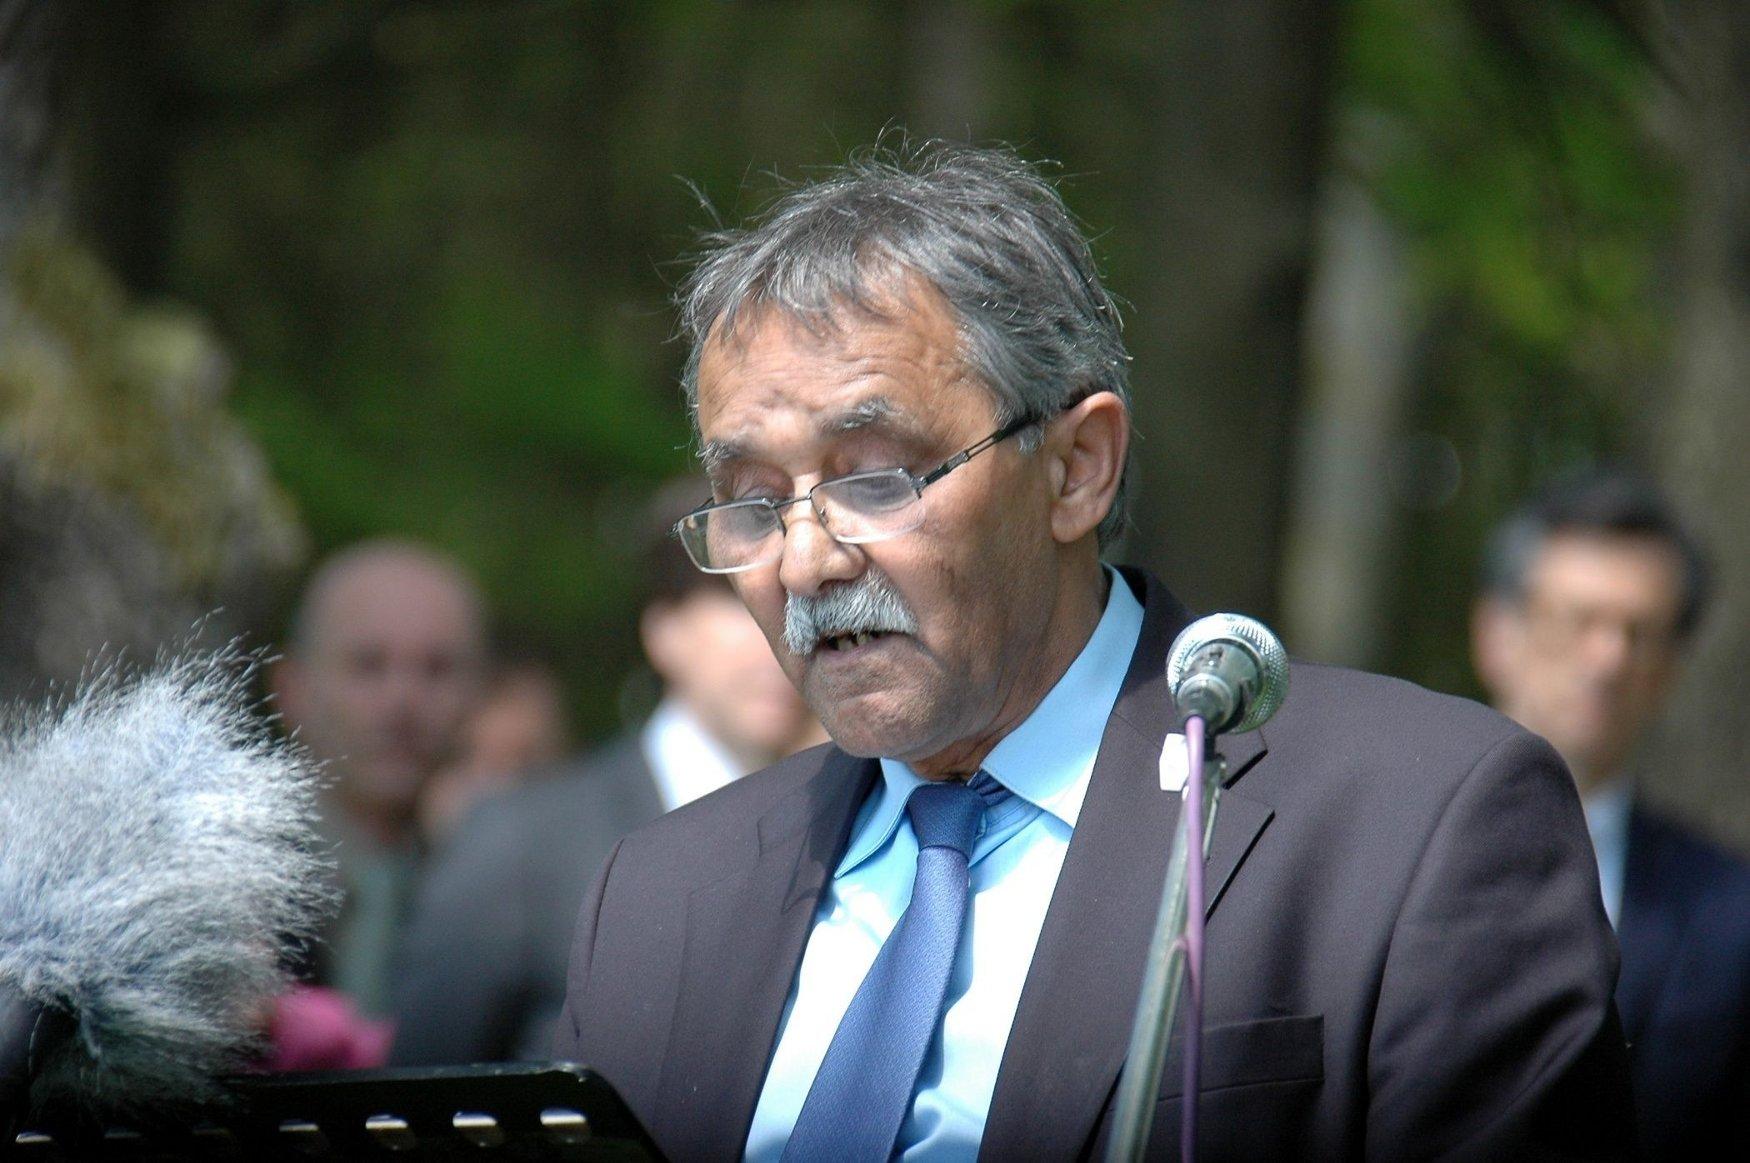 Čeněk Růžička, photo: Jana Šustová, ČRo